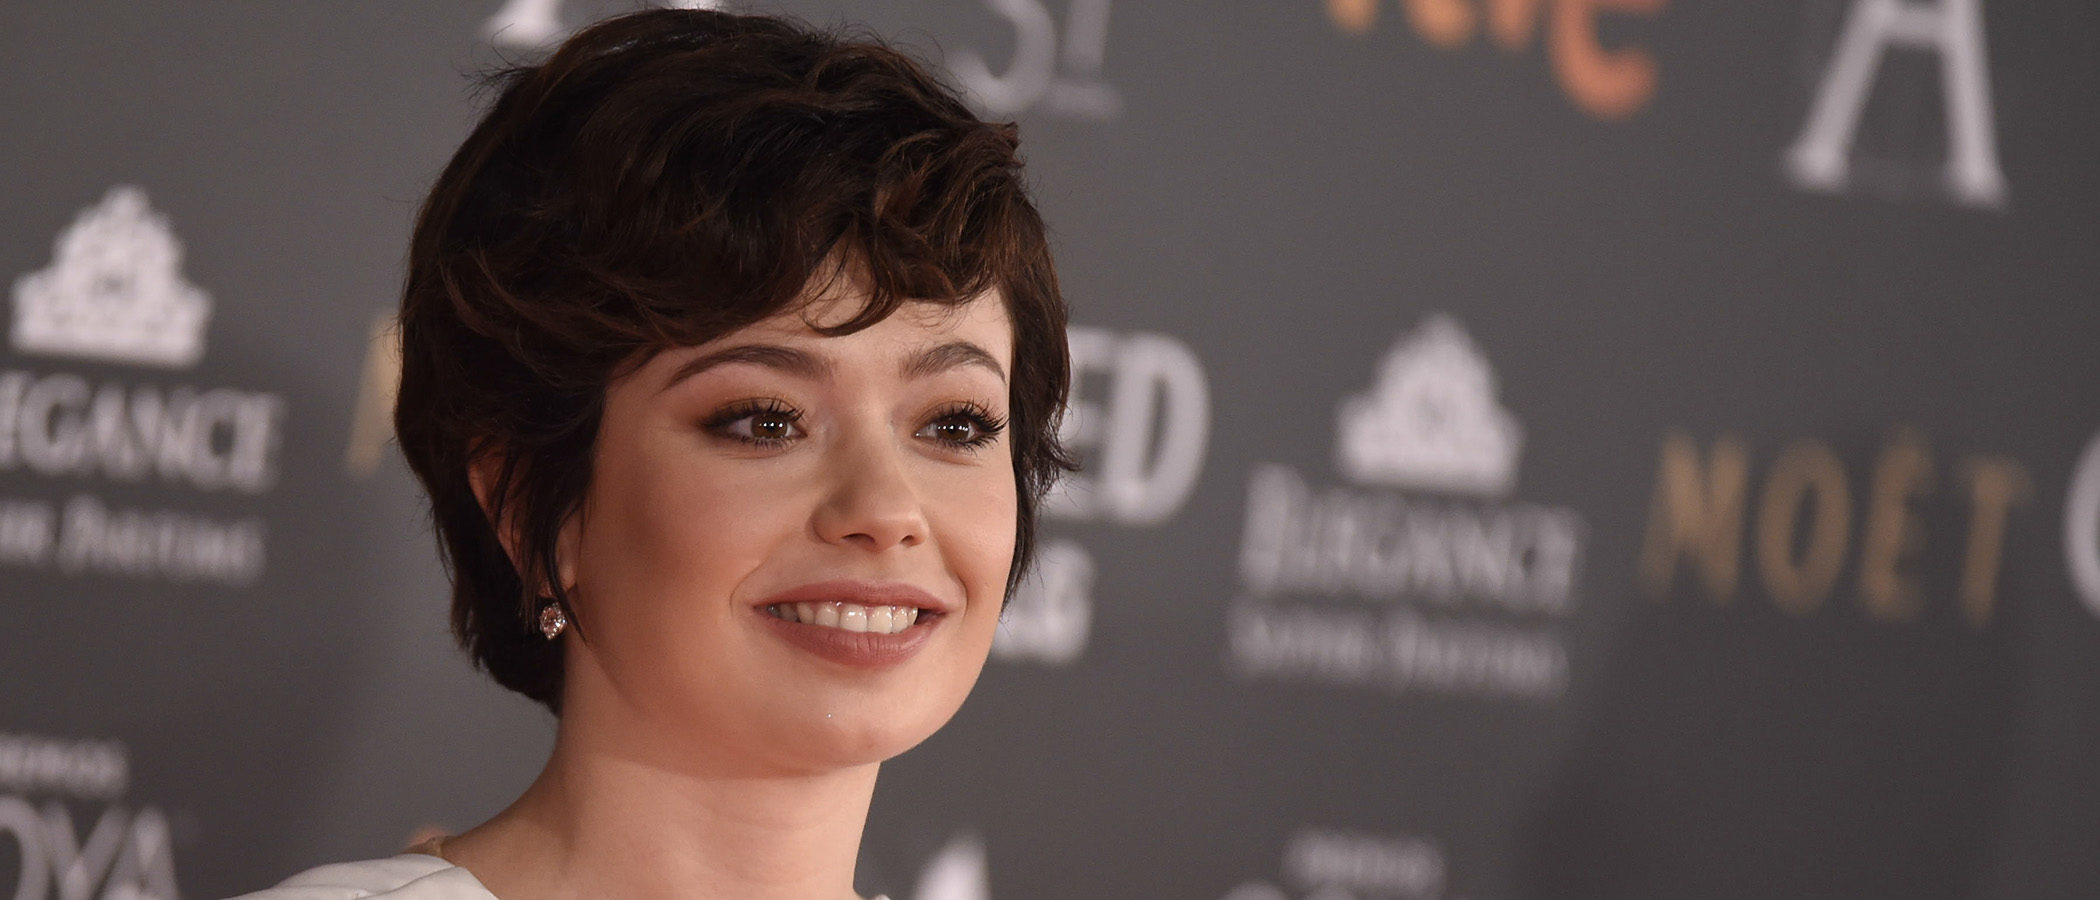 Los 5 mejores peinados que triunfaron en los Premios Goya